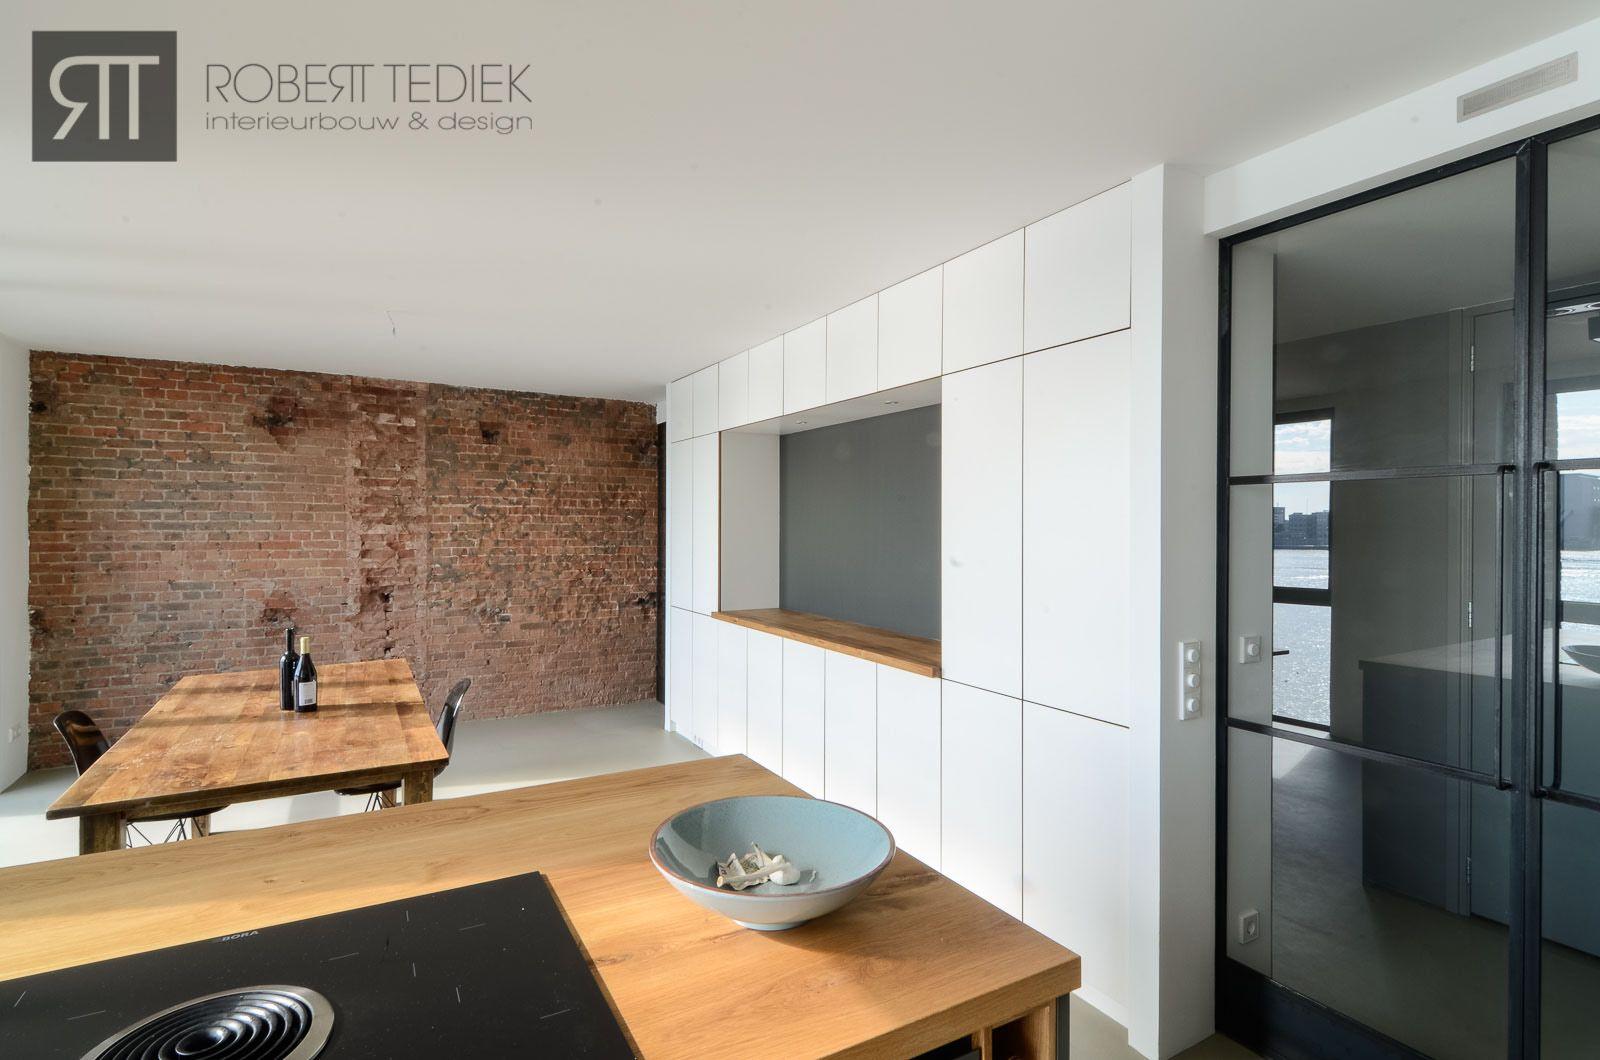 Stoere strakke keuken in gerenoveerd pakhuis